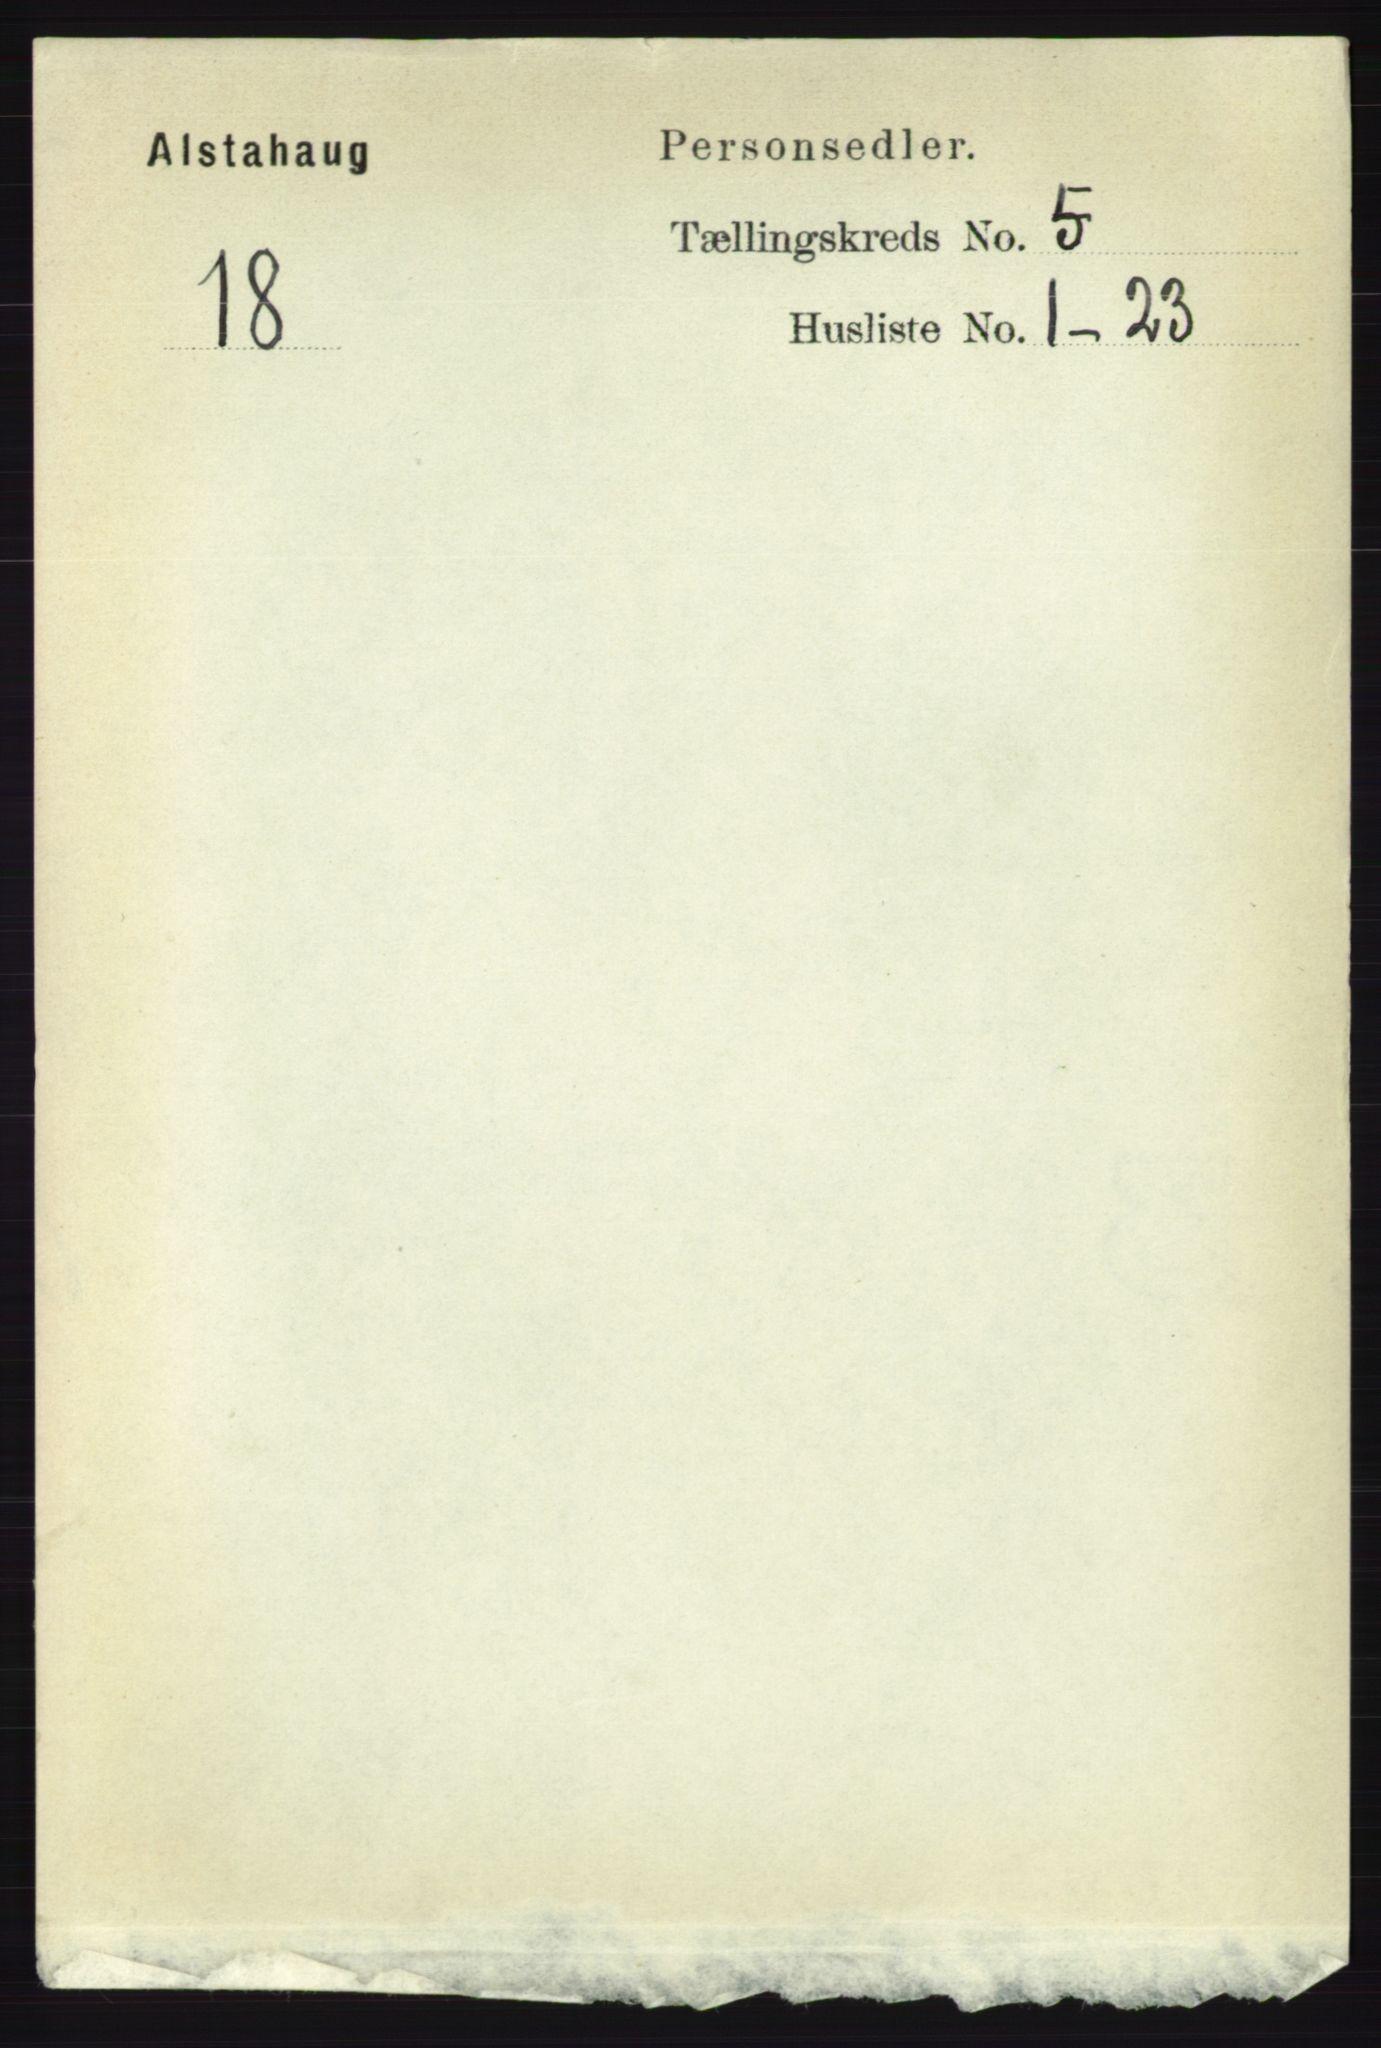 RA, Folketelling 1891 for 1820 Alstahaug herred, 1891, s. 1782